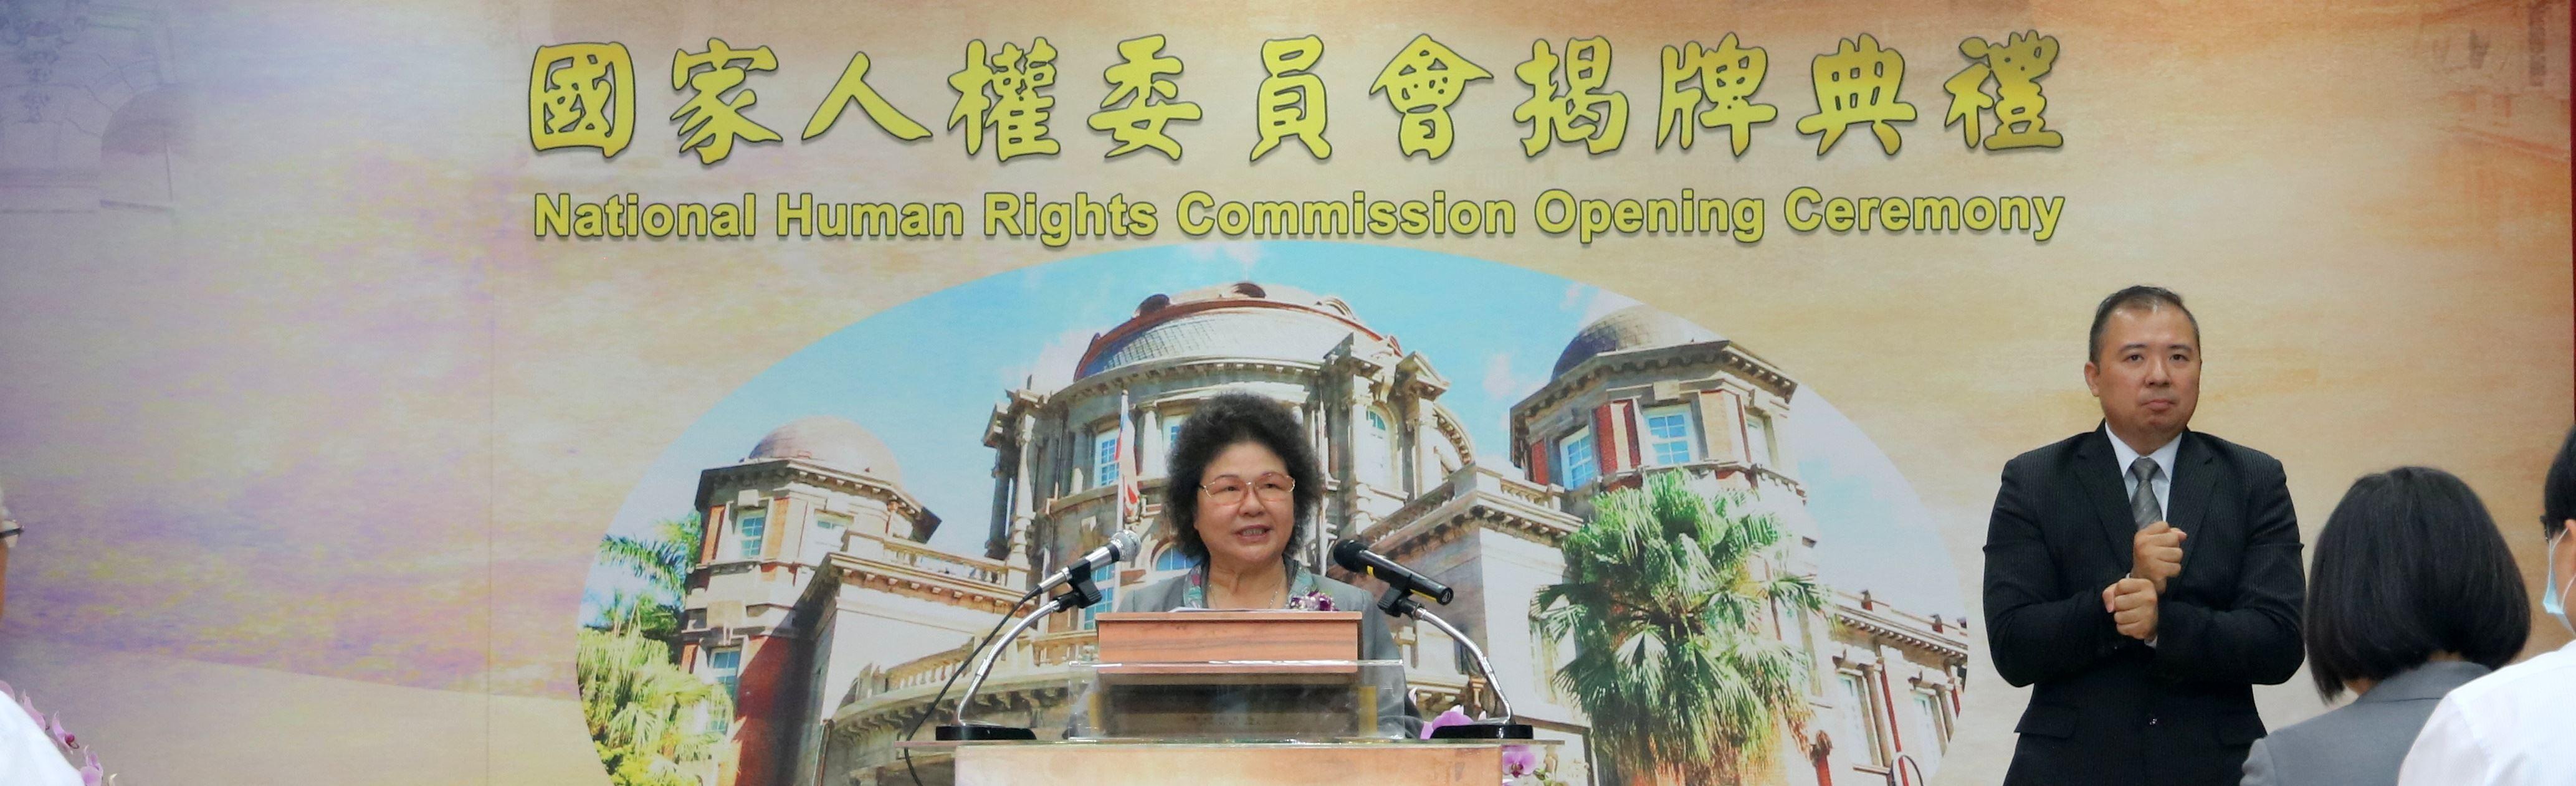 109年8月1日首任主任委員陳菊於國家人權委員會揭牌典禮致詞。